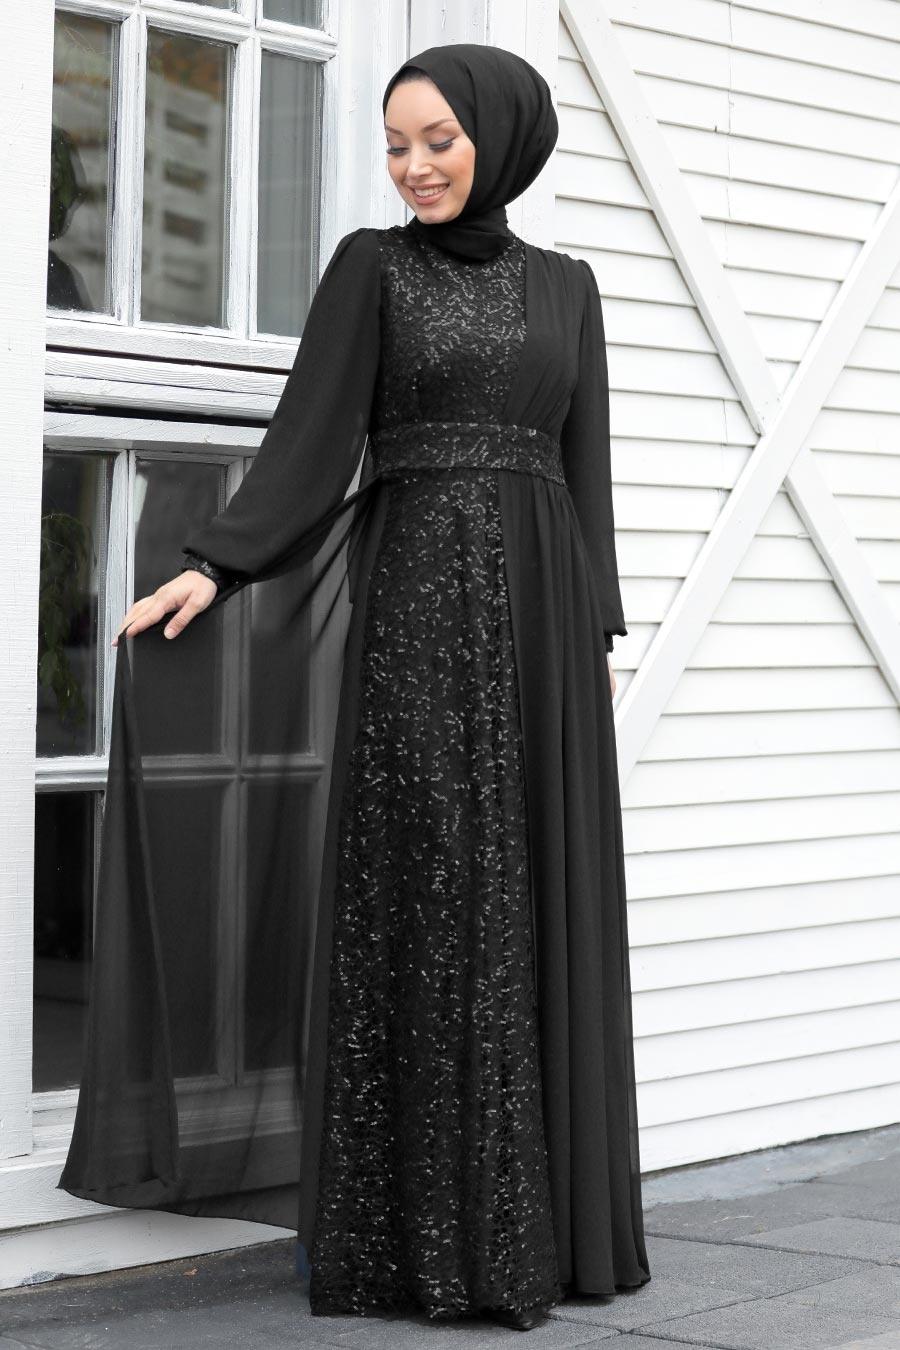 Tesettür Abiye Elbise - Pul Payetli Siyah Tesettür Abiye Elbise 5408S